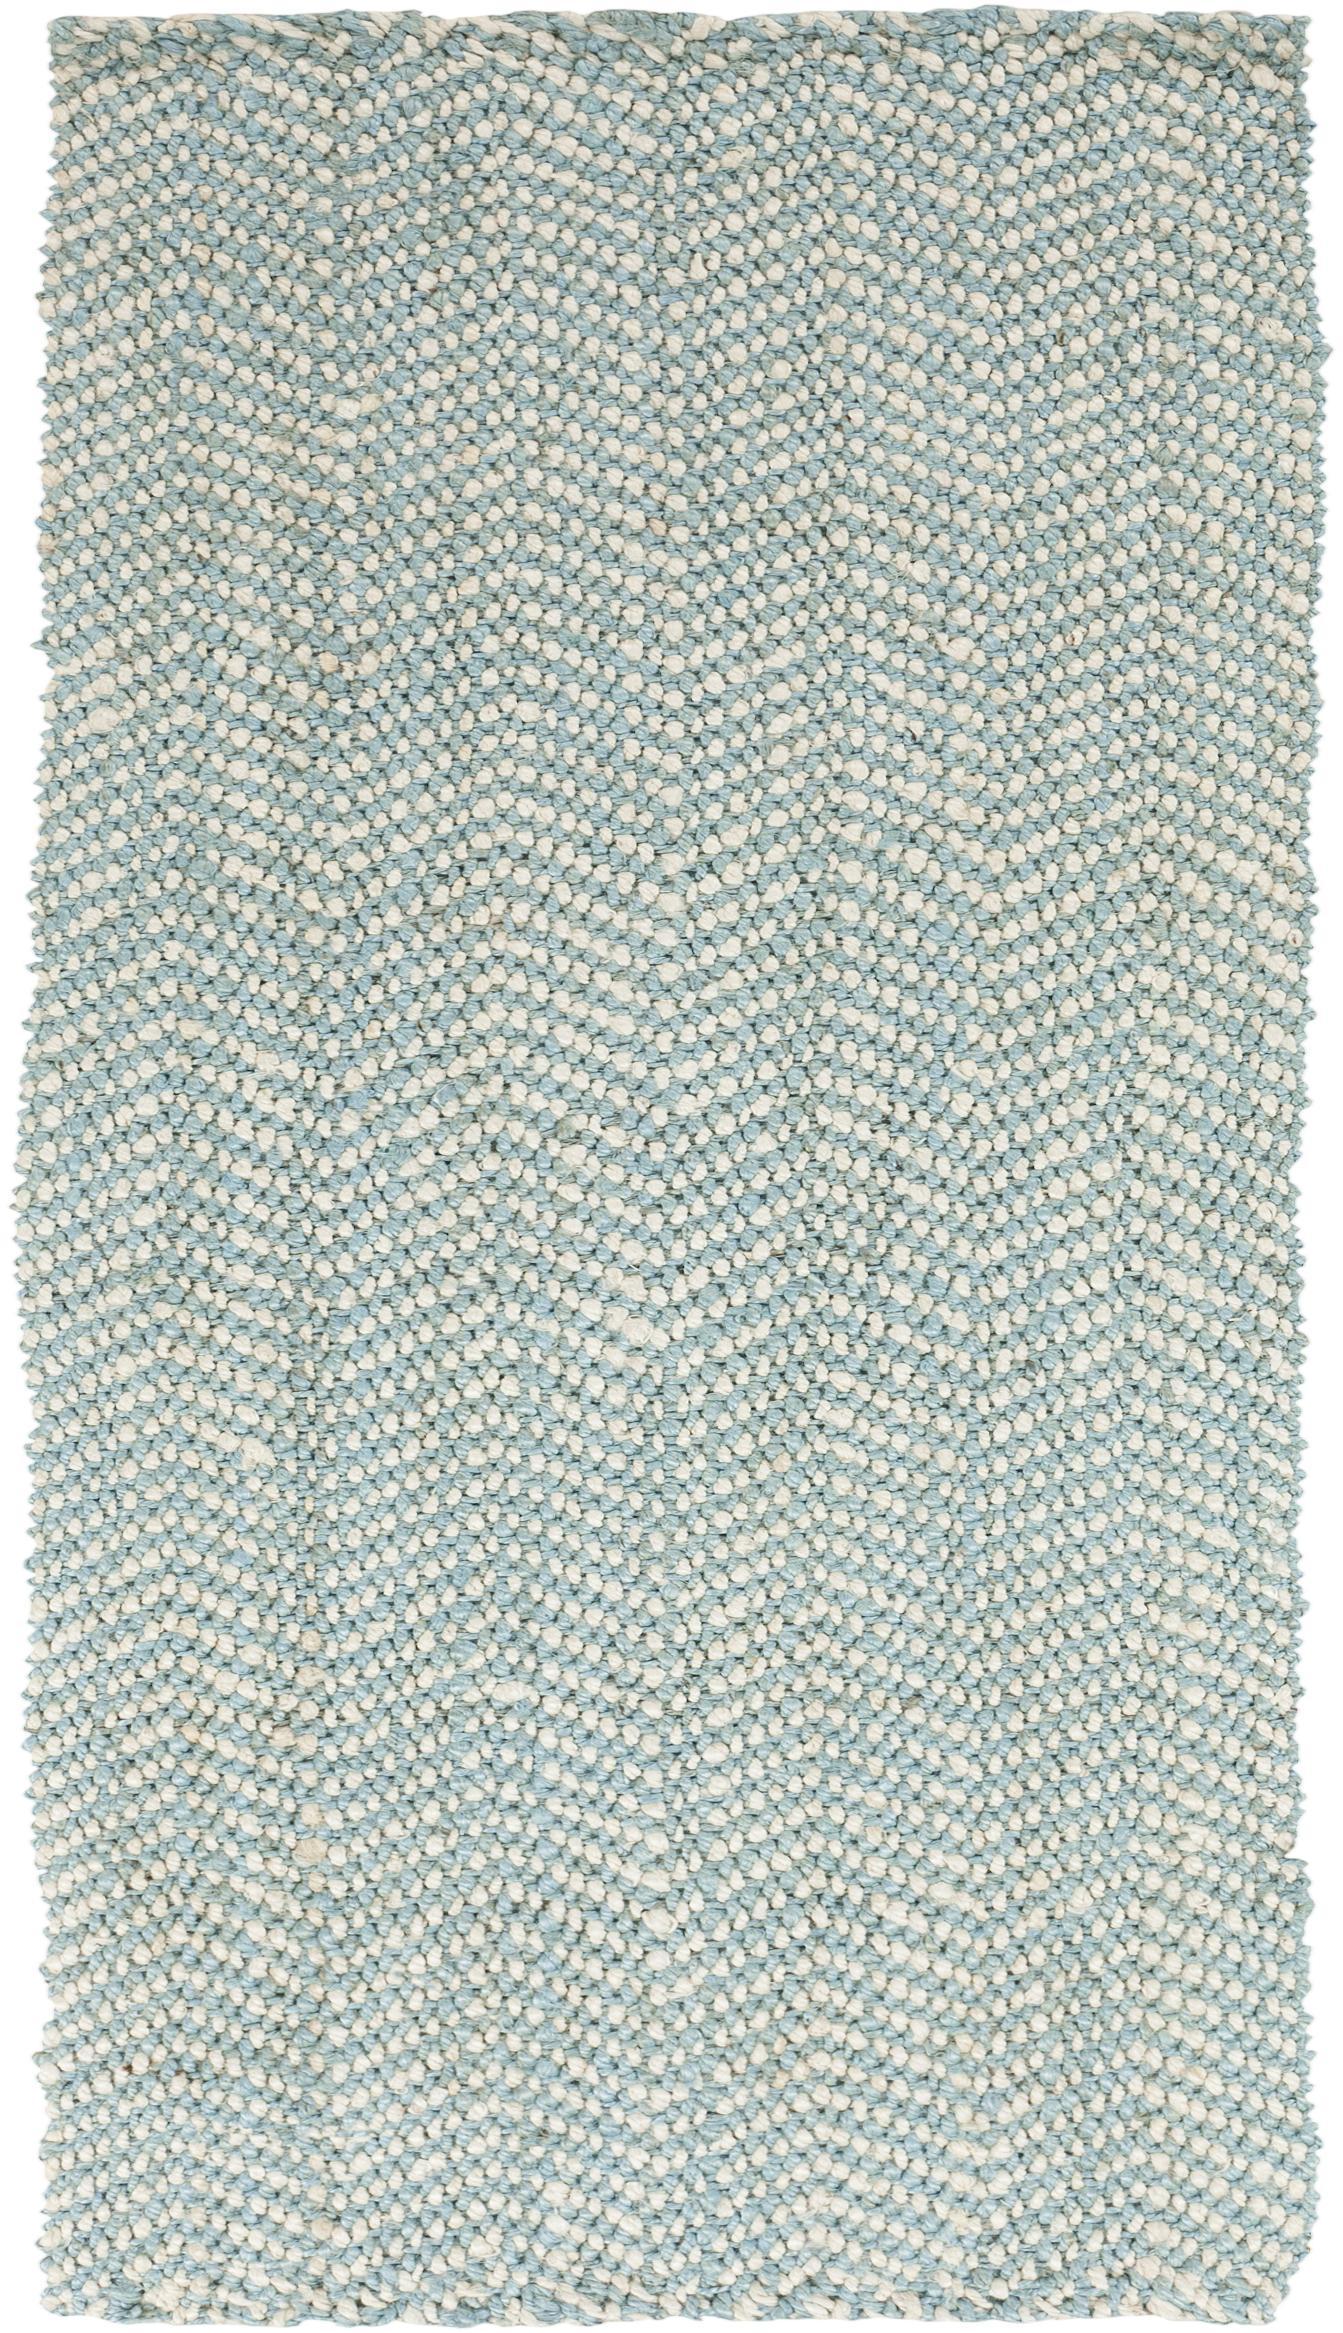 Surya Rugs Reeds 5' x 8' - Item Number: REED802-58